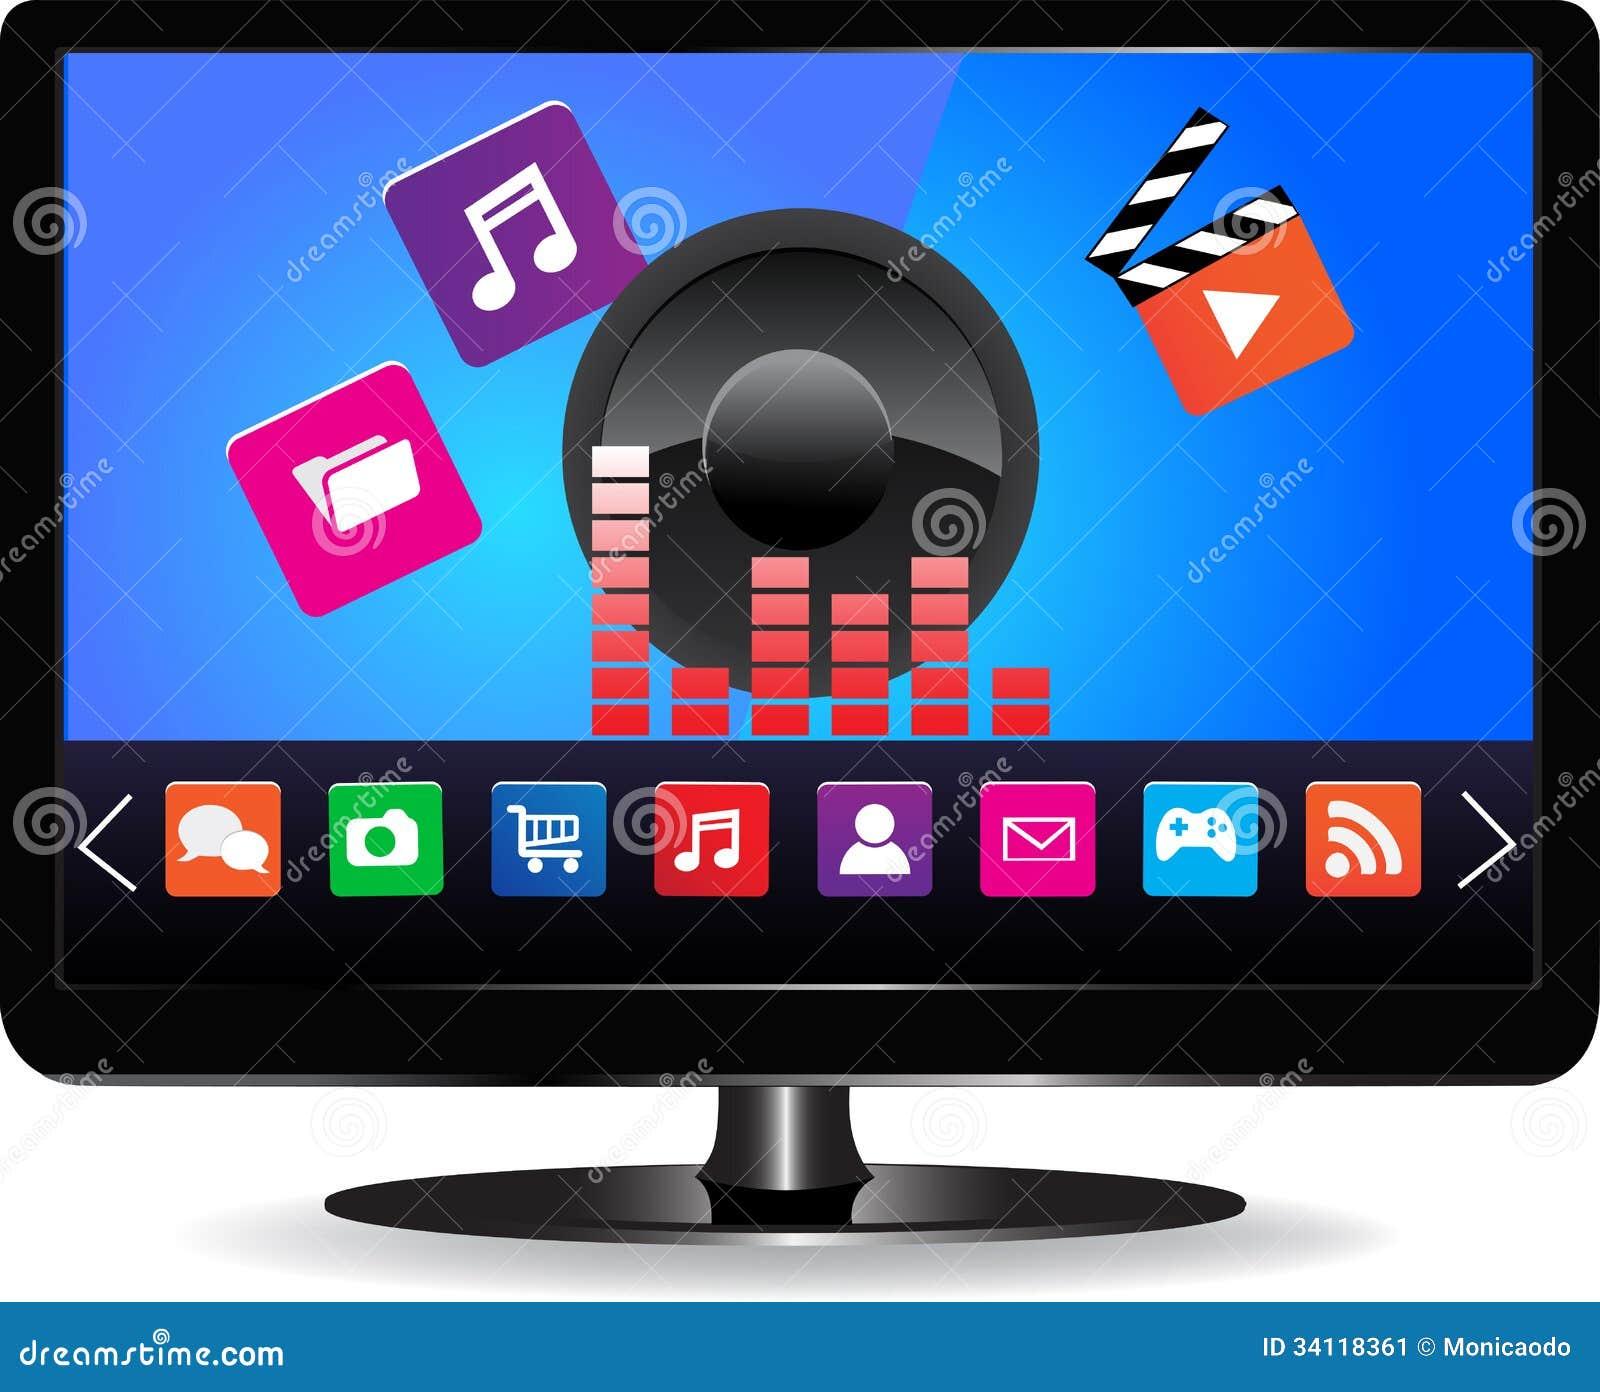 smart tv stock image image 34118361. Black Bedroom Furniture Sets. Home Design Ideas